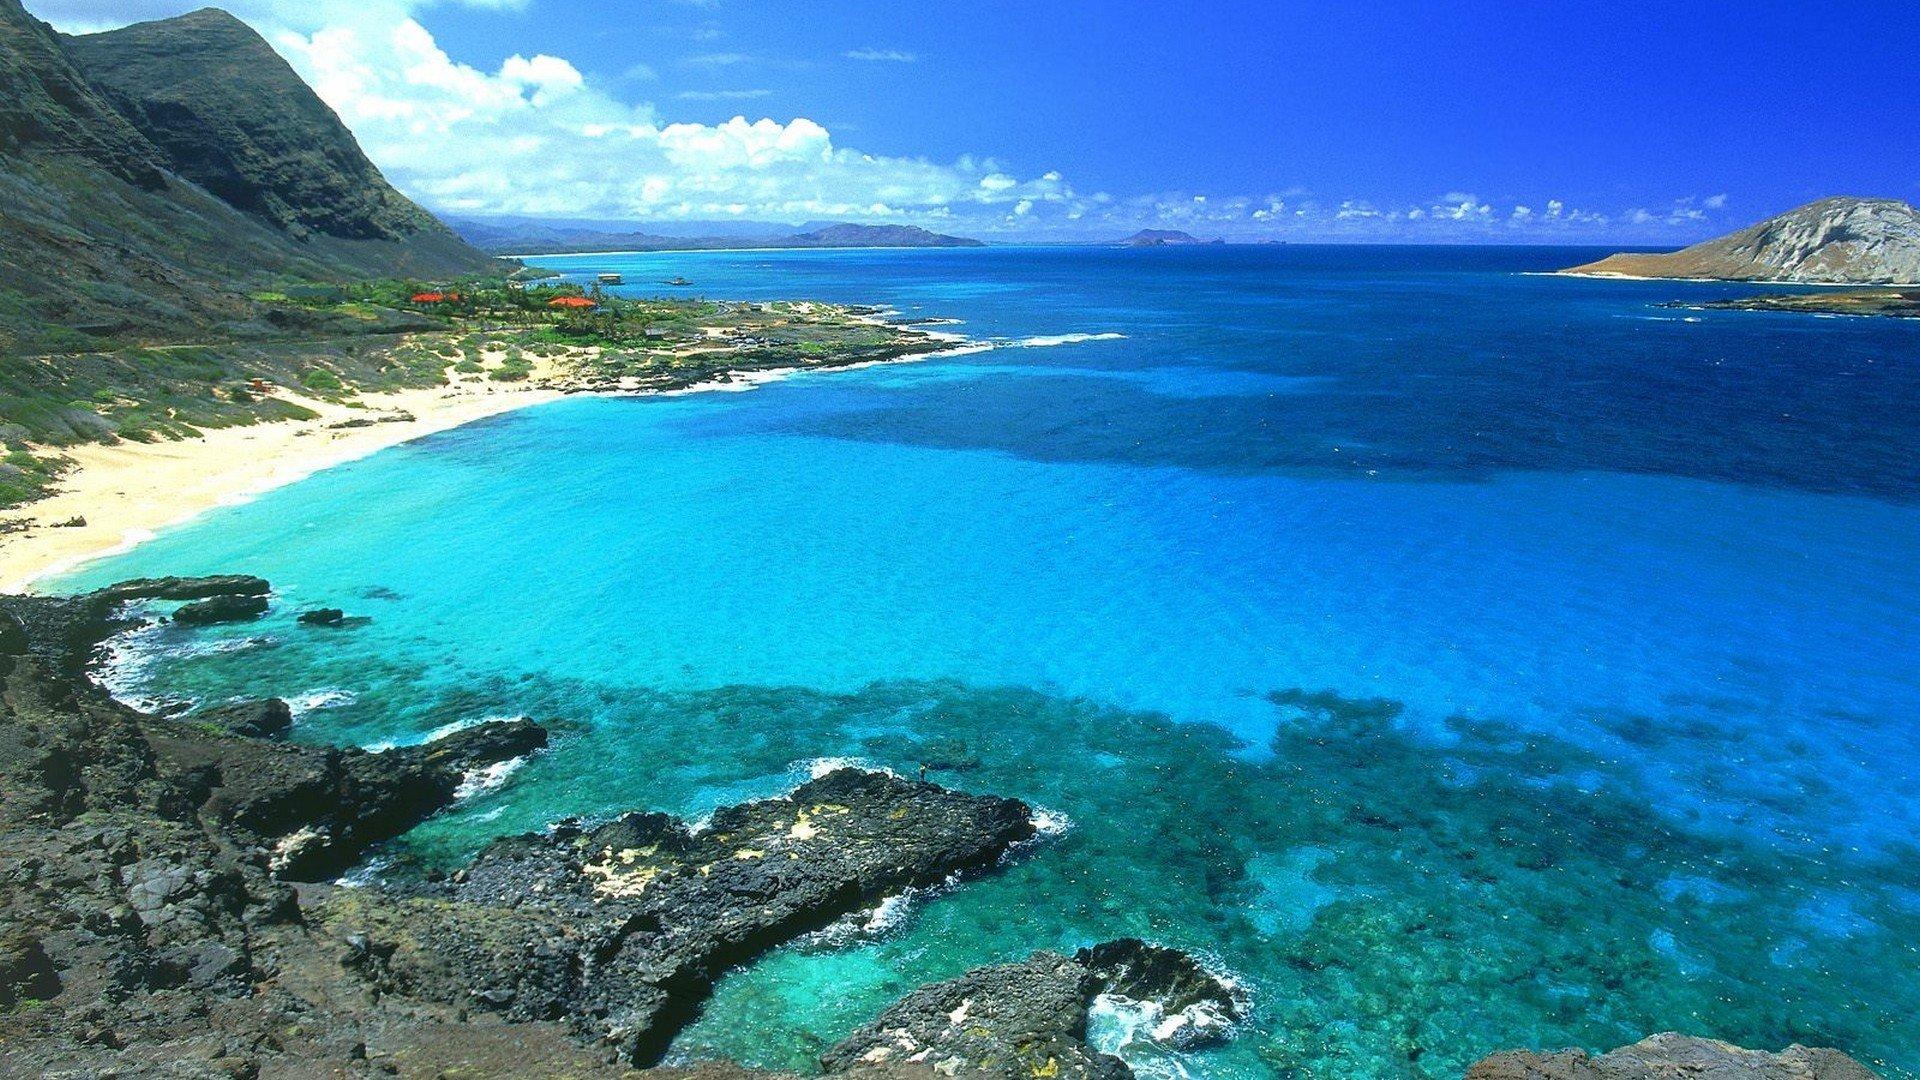 「Hawaii sea」の画像検索結果